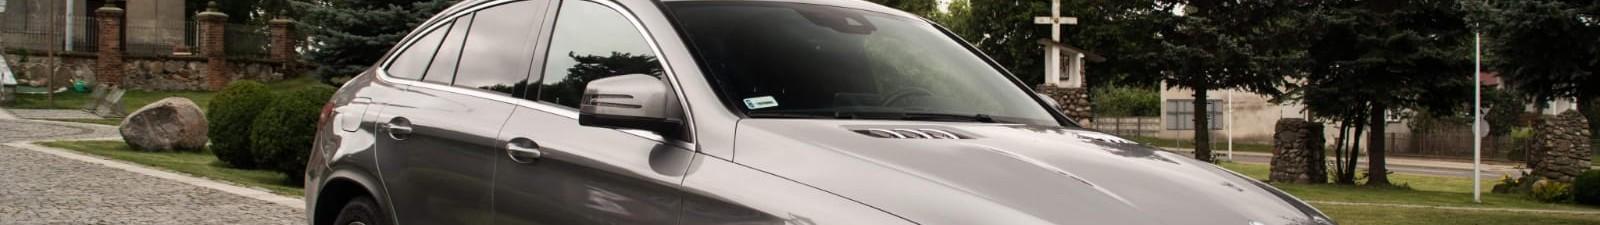 Autohandel Header Images